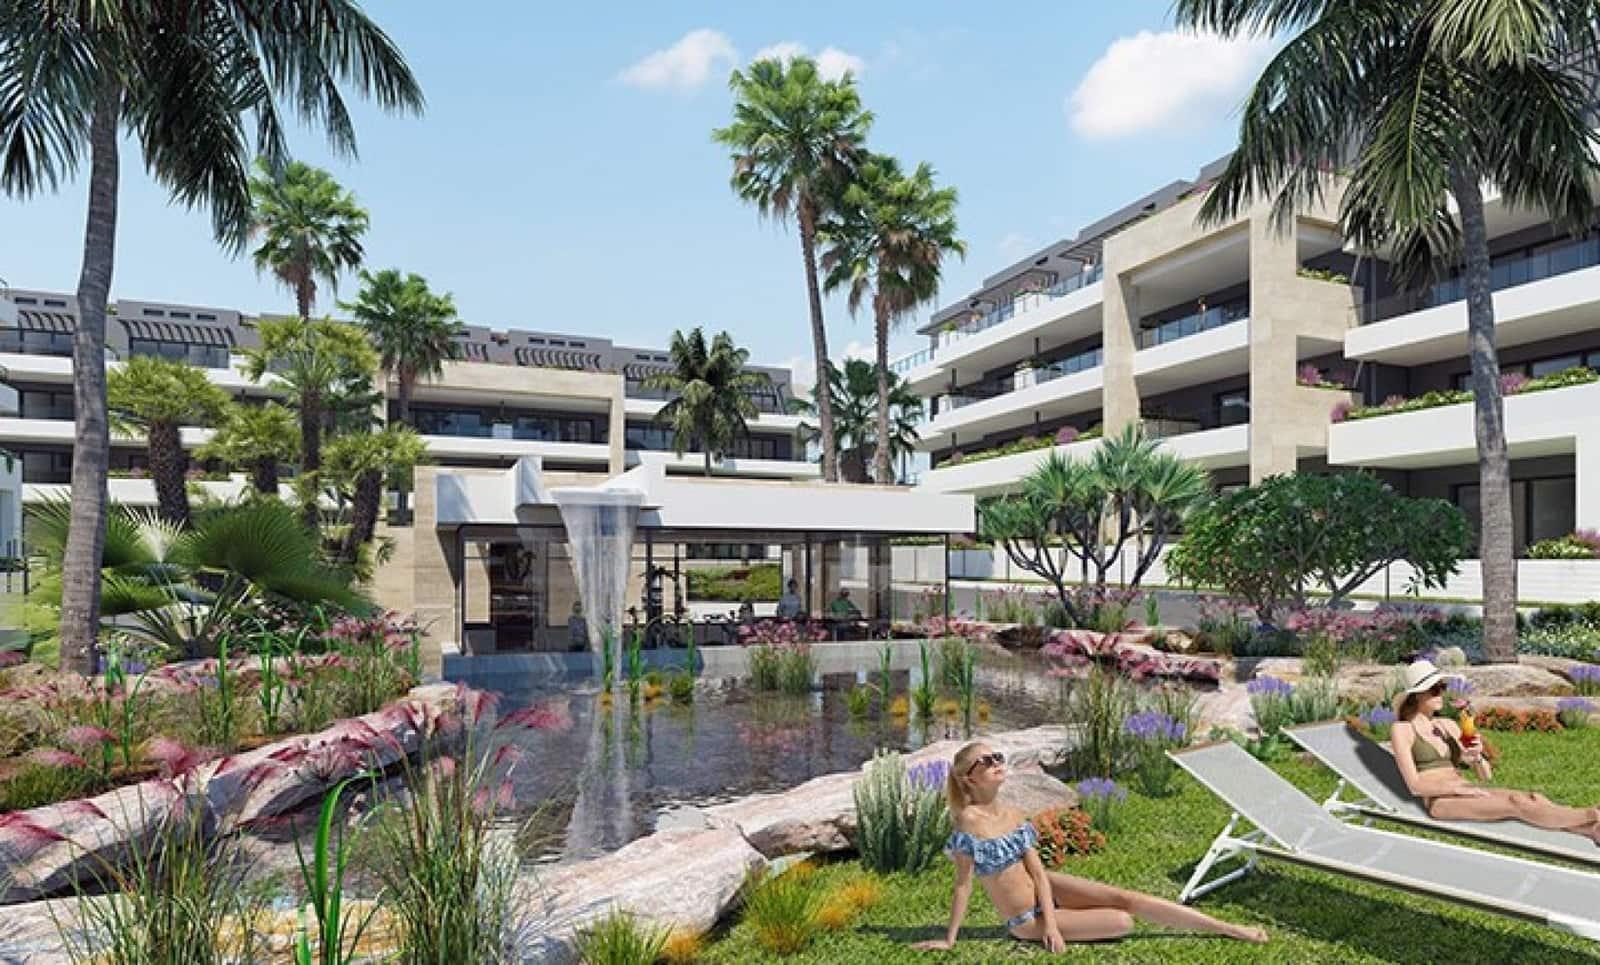 Apartamento de 2 habitaciones en Playa Flamenca en venta con piscina - 175.000 € (Ref: 4716861)